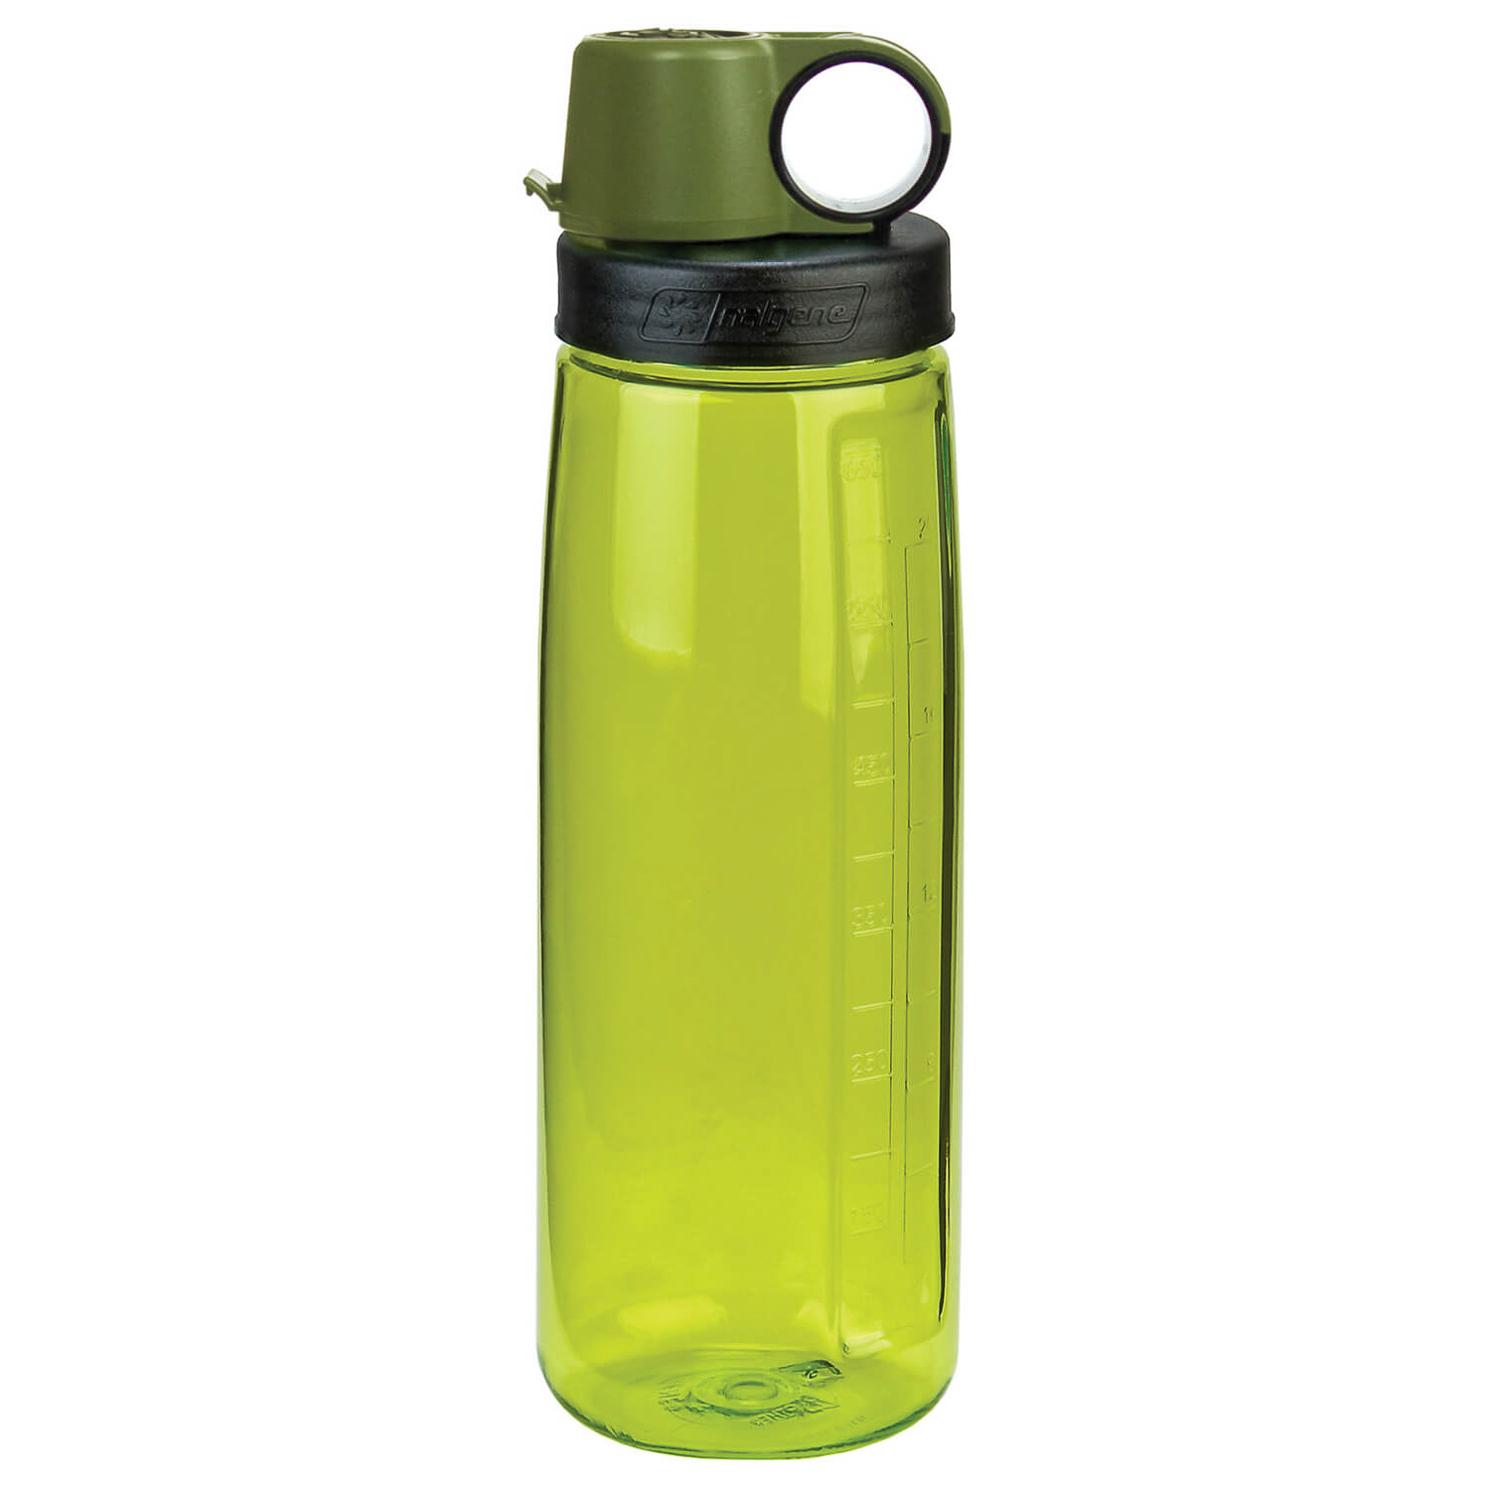 Nalgene Everyday Otg Water Bottle Buy Online